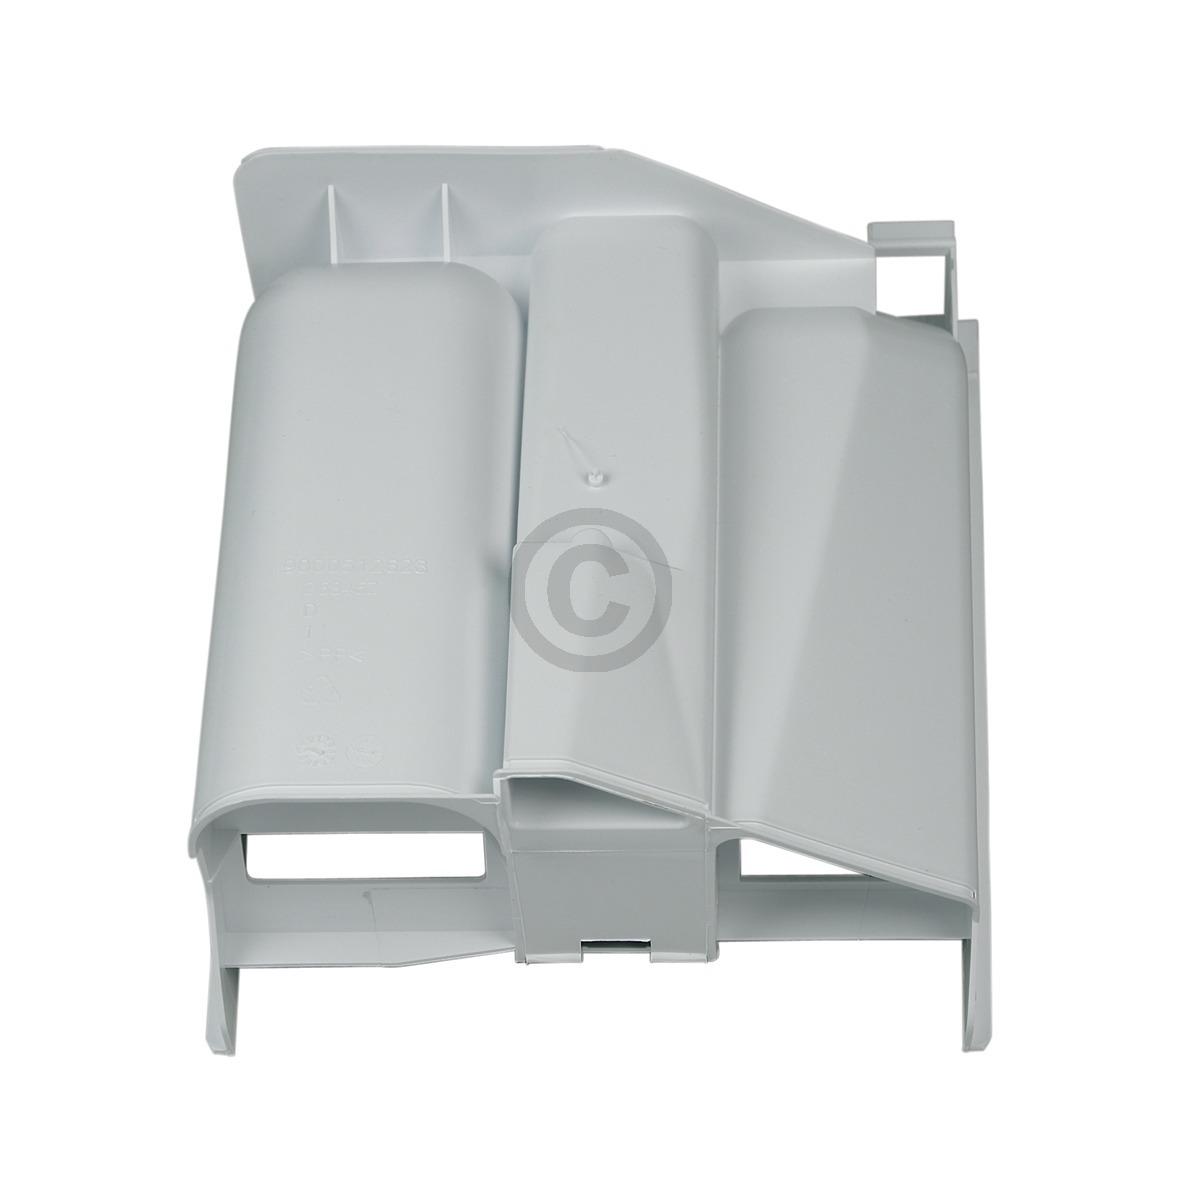 Einspülschale Bosch 00703270 Waschmittelschublade für Waschmaschine